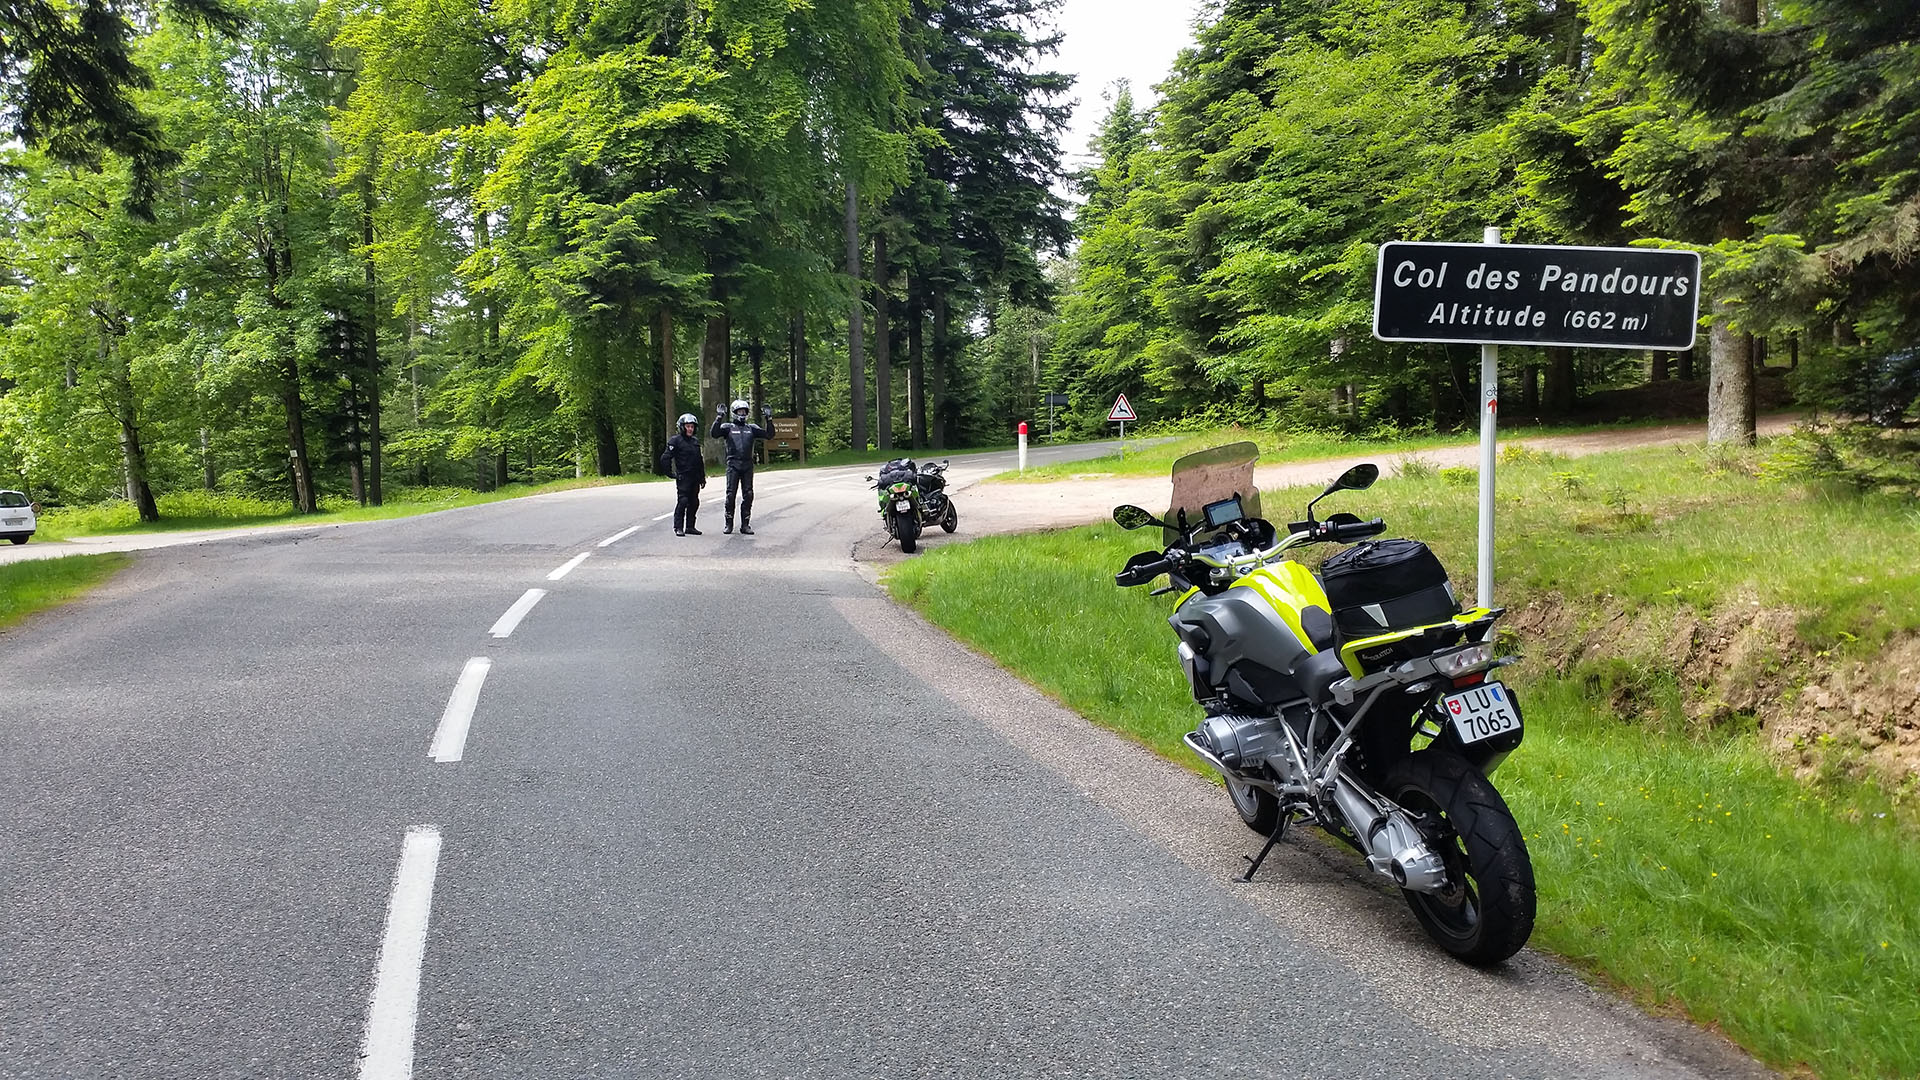 0662 - F - Col des Pandours